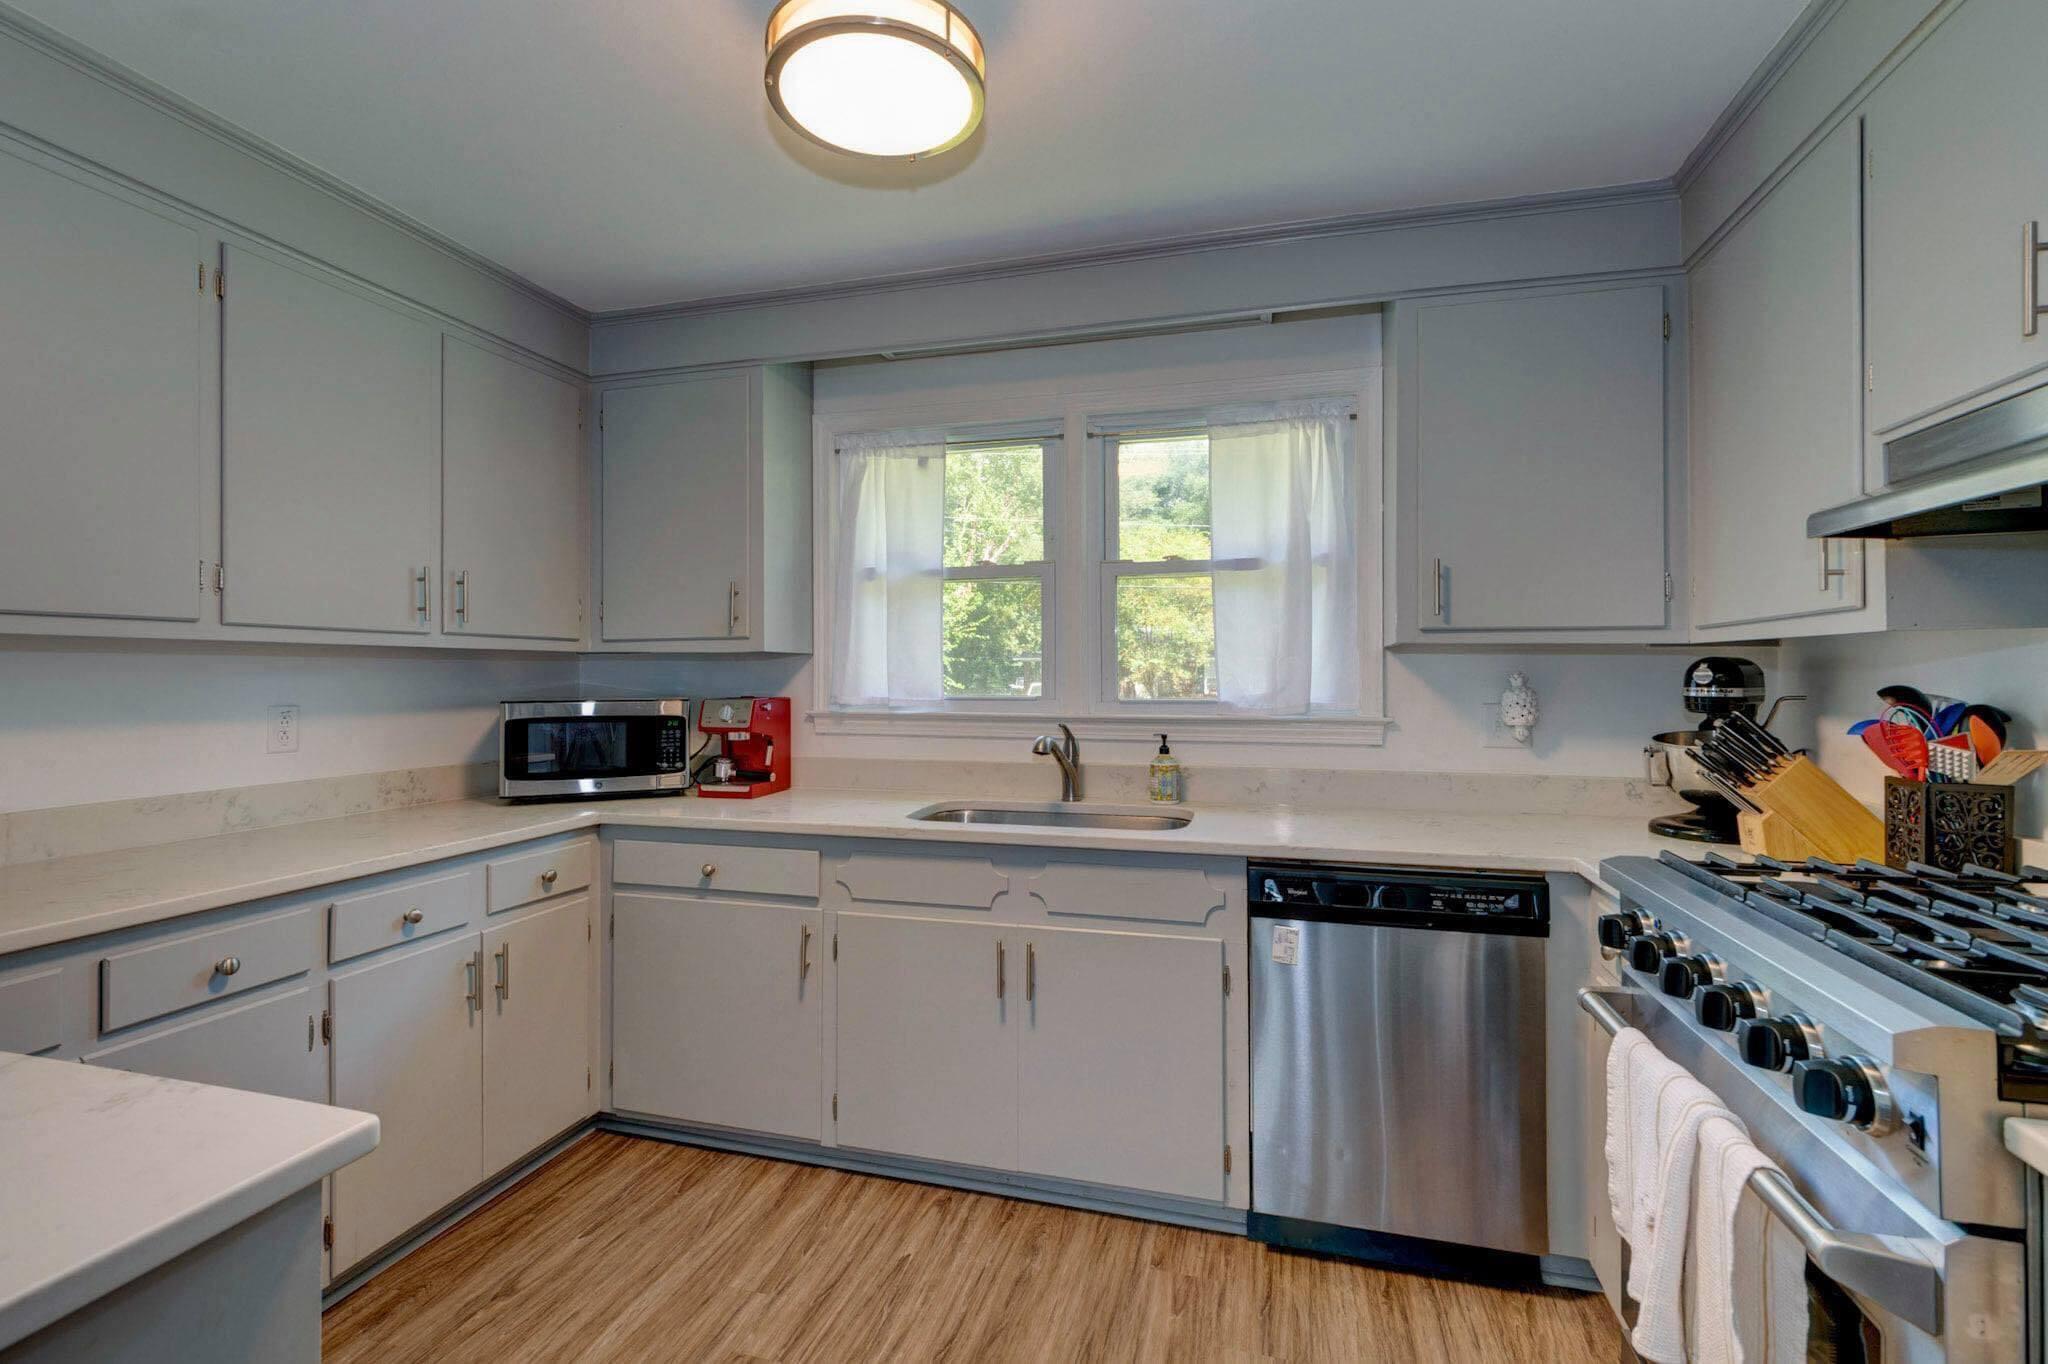 Clarks Point Homes For Sale - 1257 Julian Clark, Charleston, SC - 8